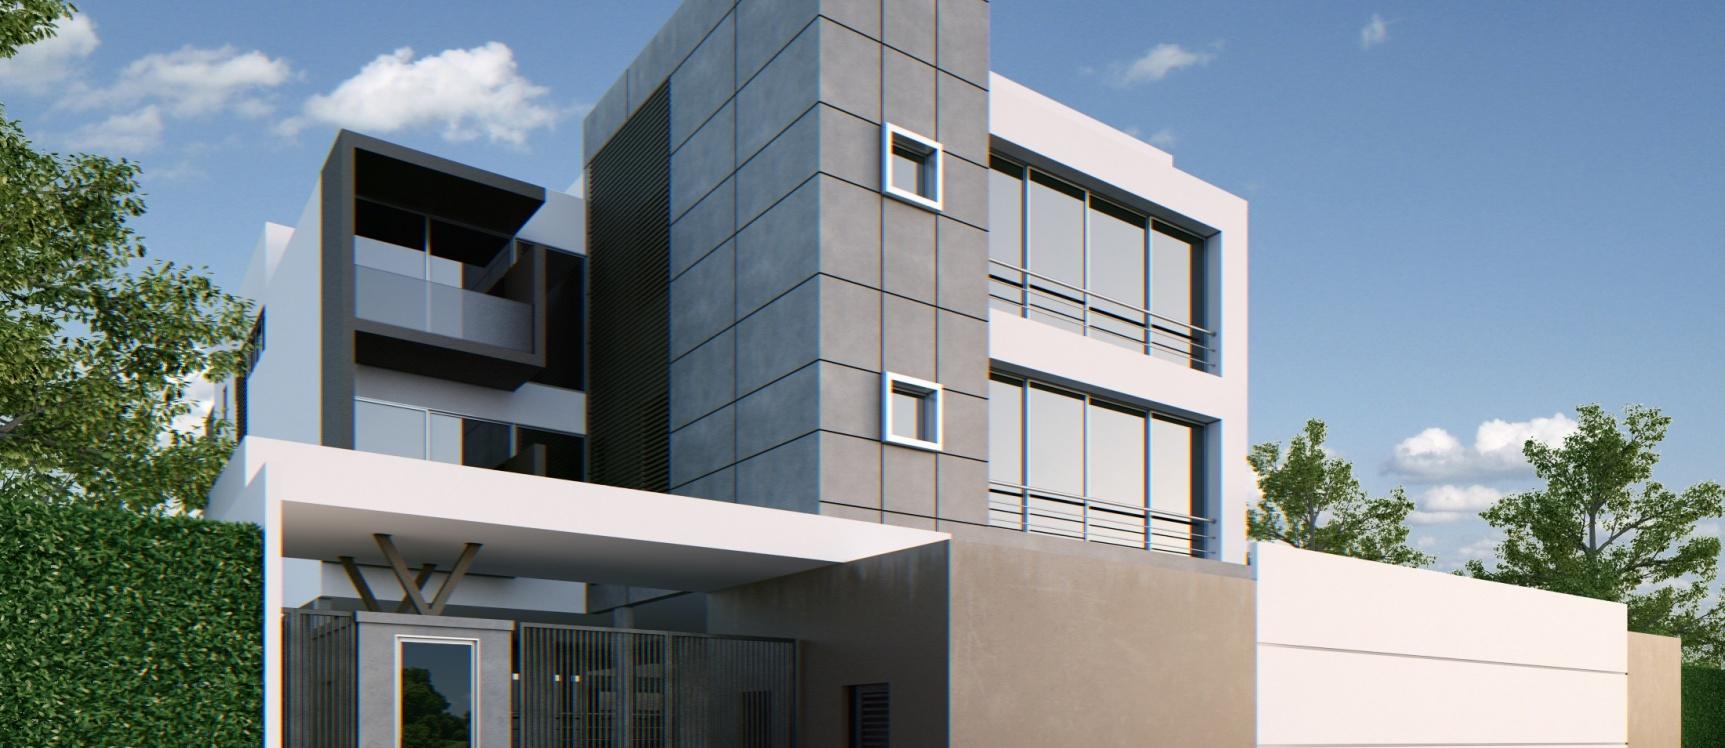 GeoBienes - Fiorentti Departamentos en venta Colinas de los Ceibos Guayaquil - Plusvalia Guayaquil Casas de venta y alquiler Inmobiliaria Ecuador